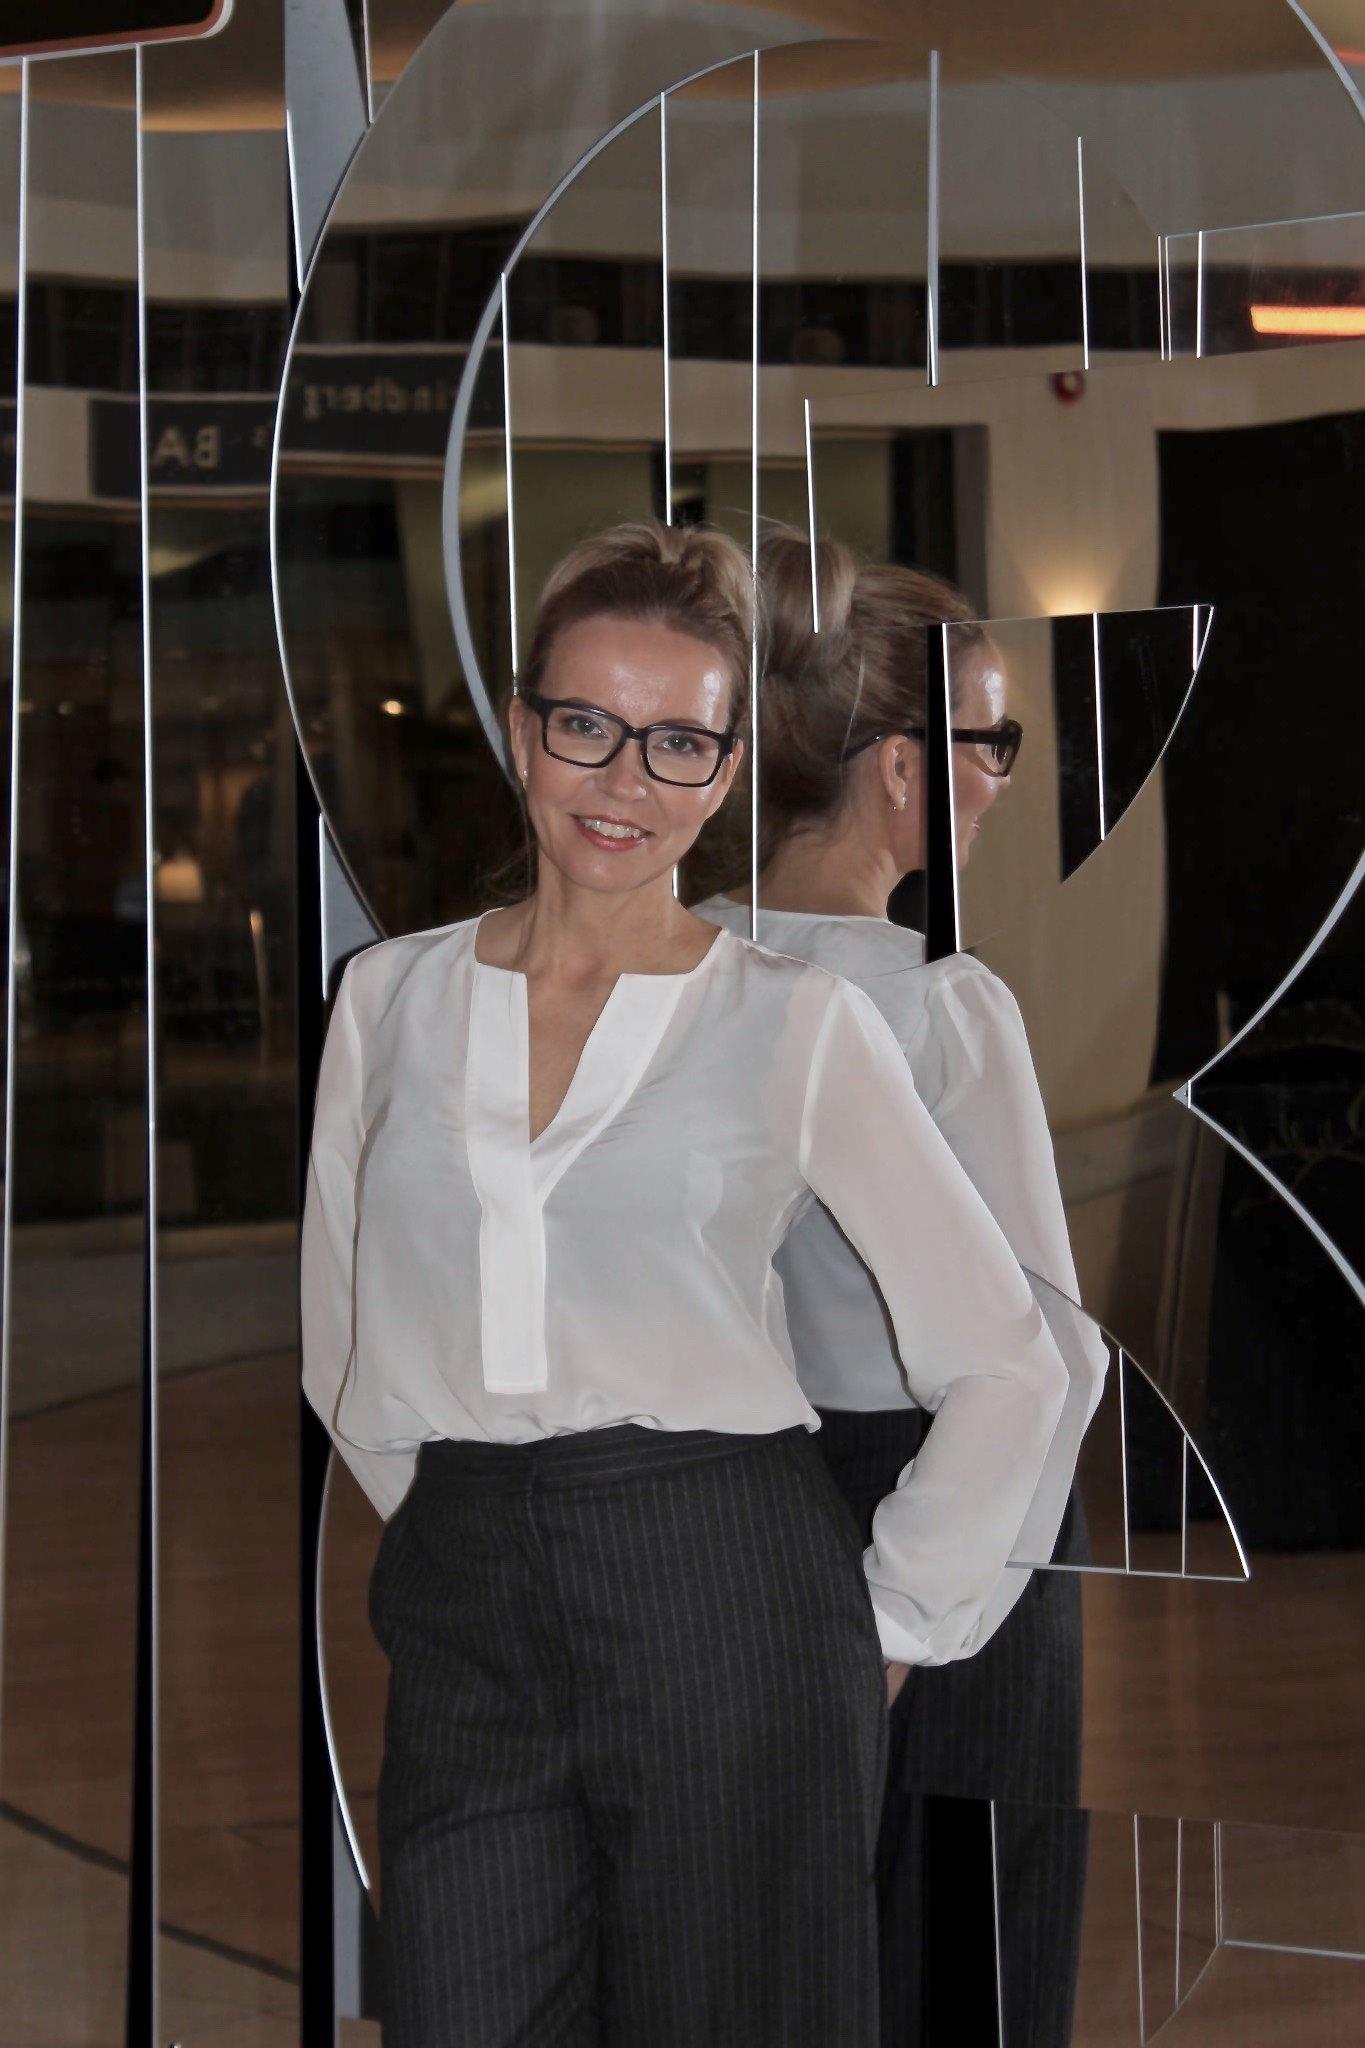 Business look by Business Woman Helsinki